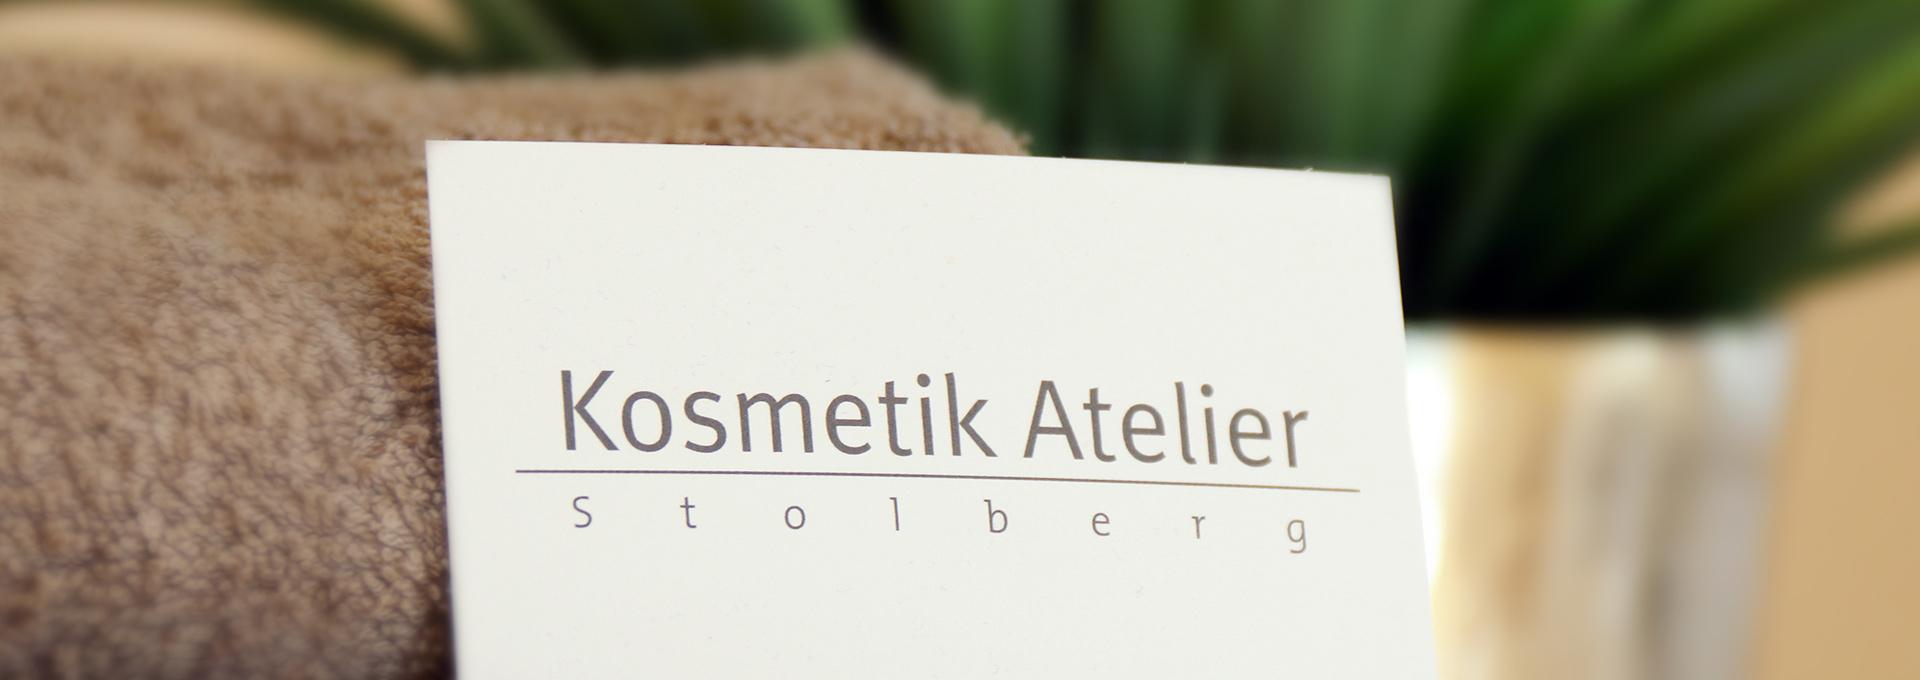 Kosmetik-Stolberg-Hameln-Gutschein